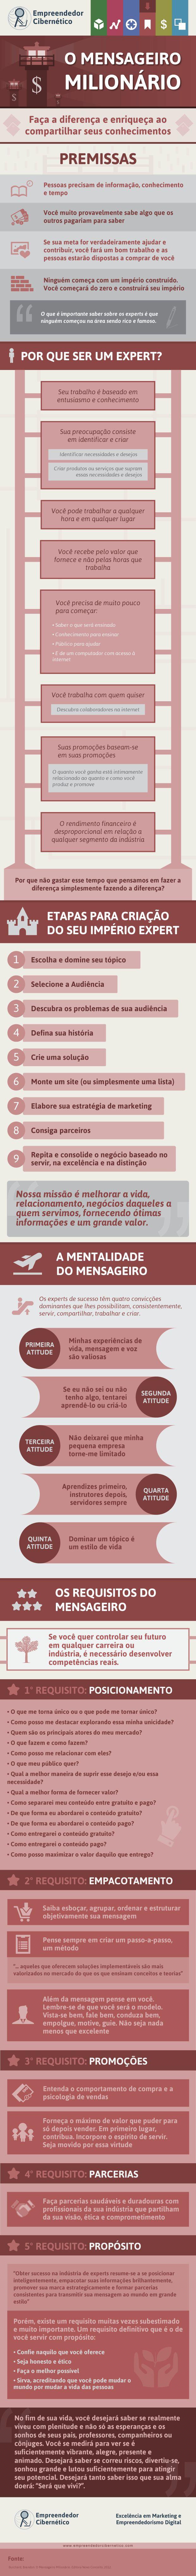 Infográfico do livro O Mensageiro Milionário - http://empreendedorcibernetico.com/blog/mensageiro-milionario/